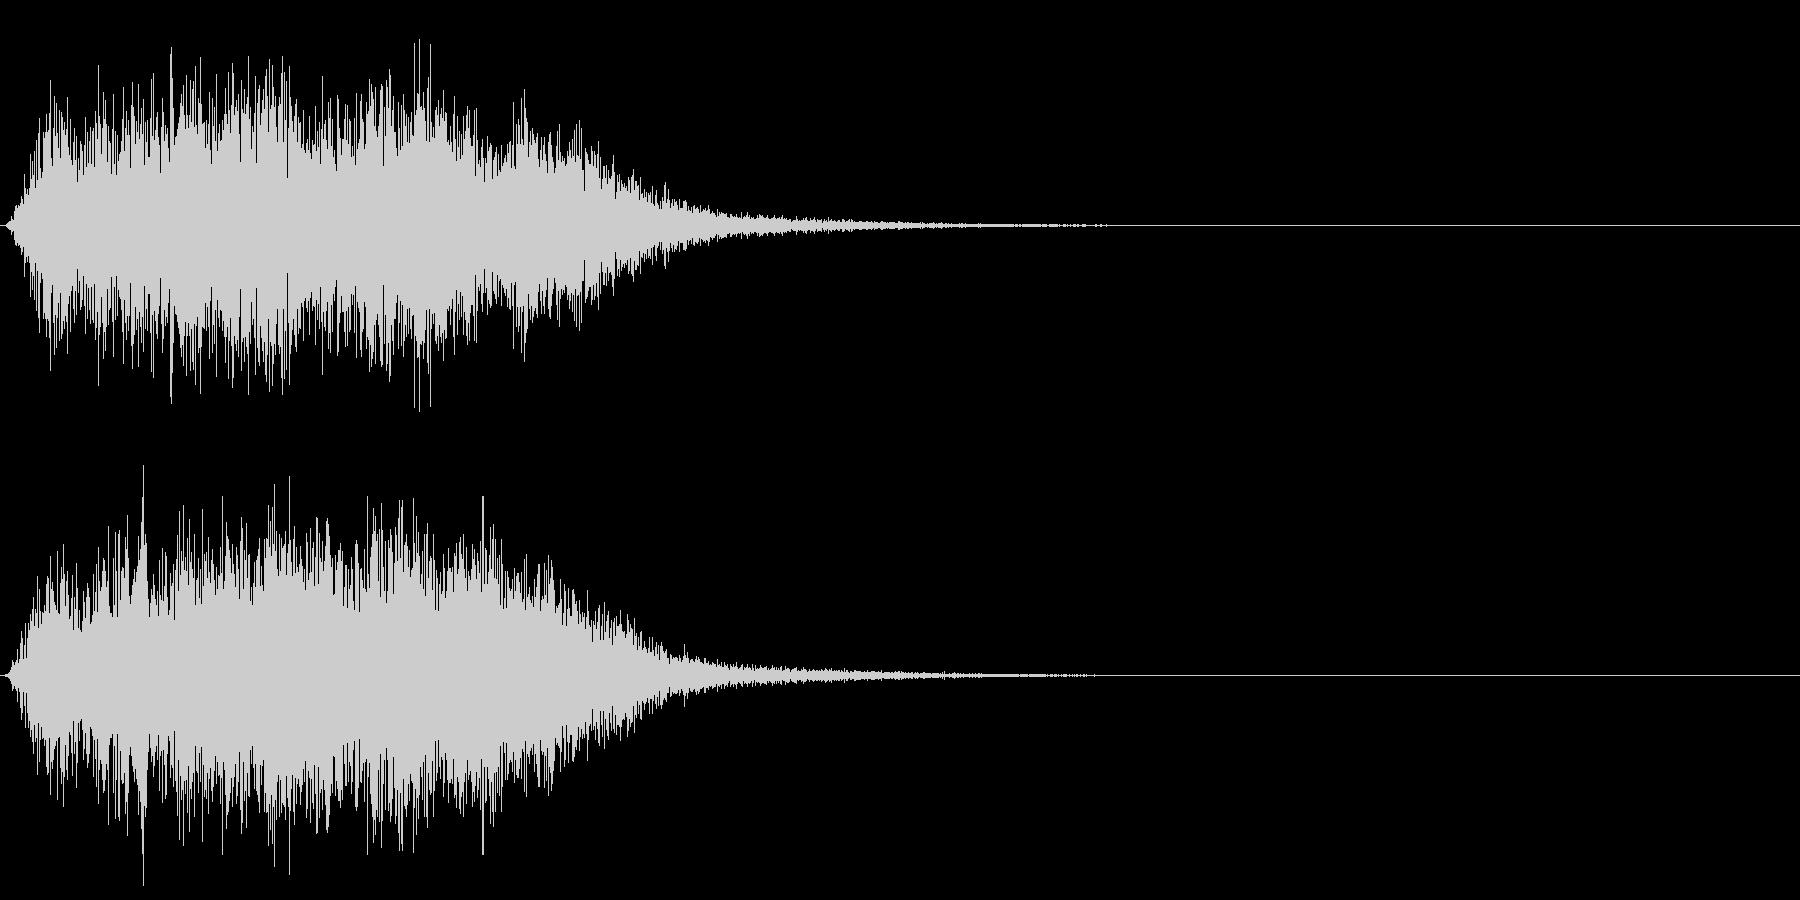 ワープ音 (ゴーウニョニョニョニョ)の未再生の波形